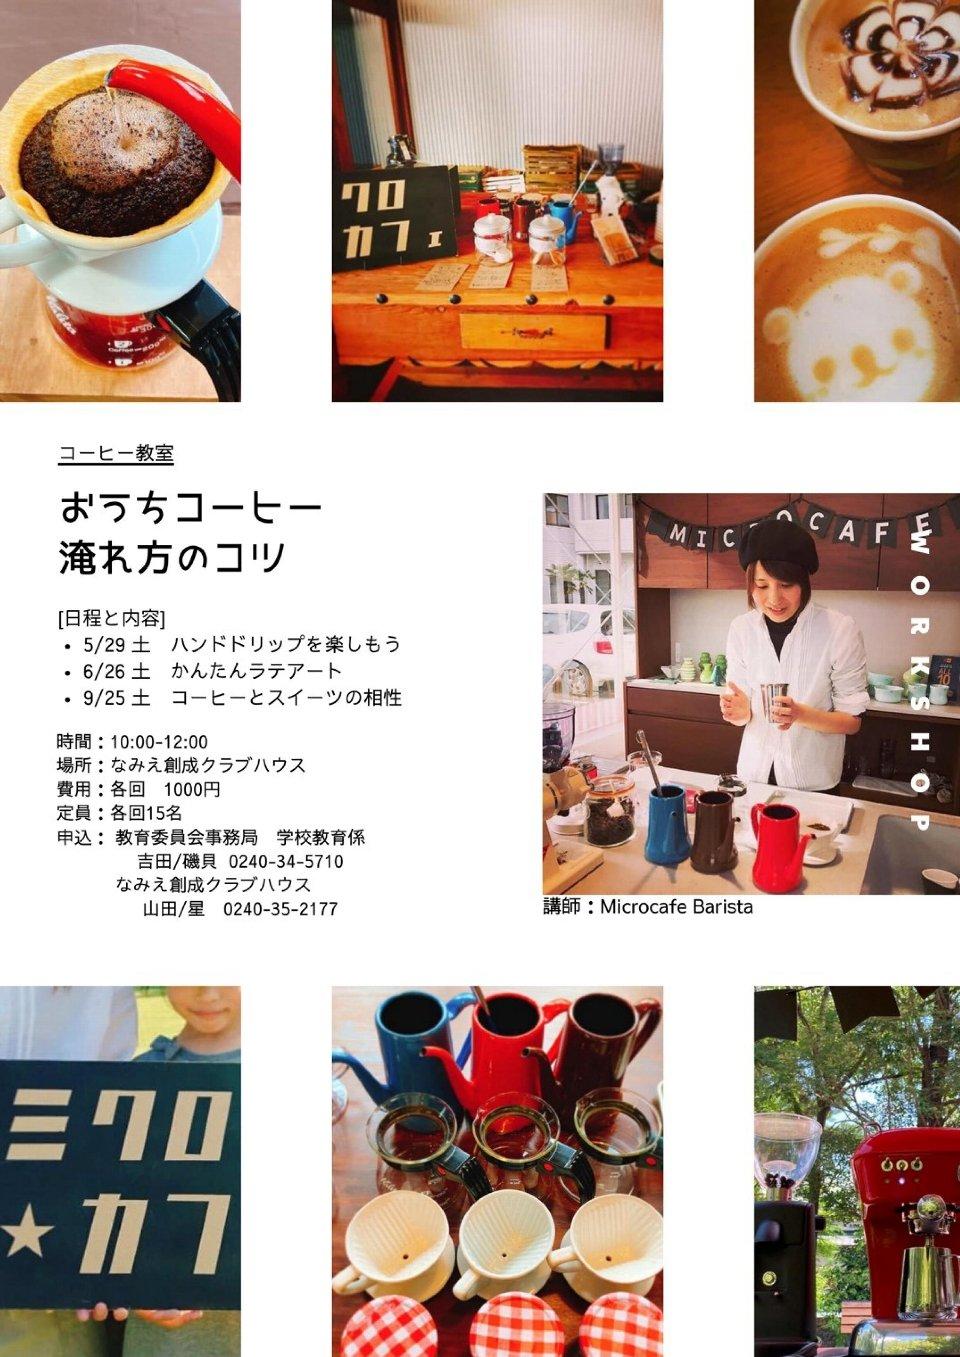 【浪江町】第一回 珈琲講座 @ なみえ創成クラブハウス(なみえ創成小・中学校敷地内)